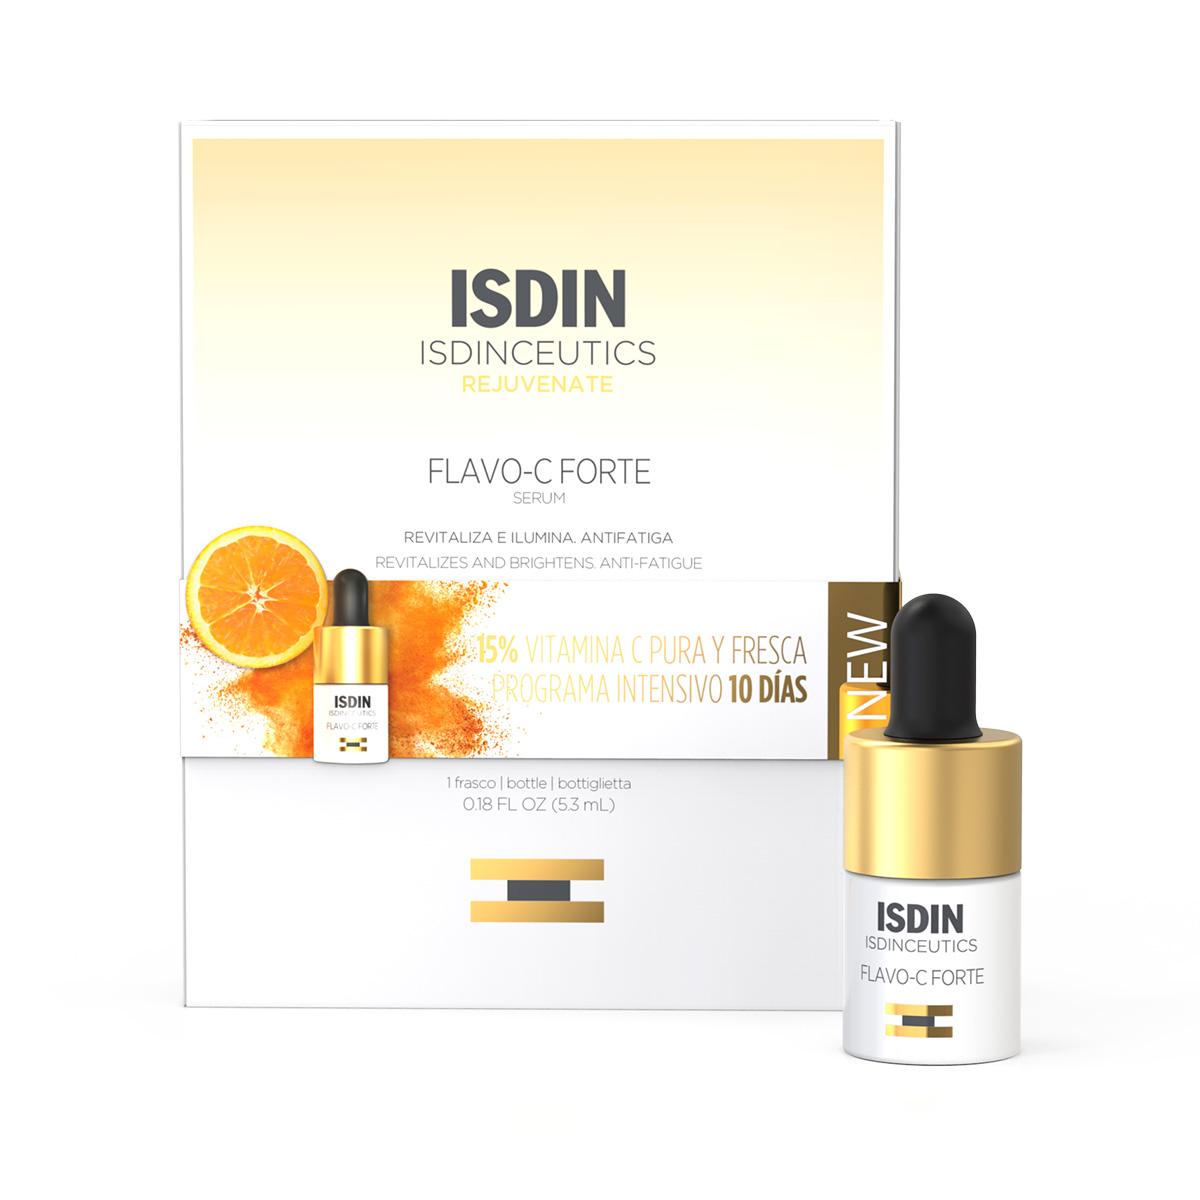 Isdinceutics sérum